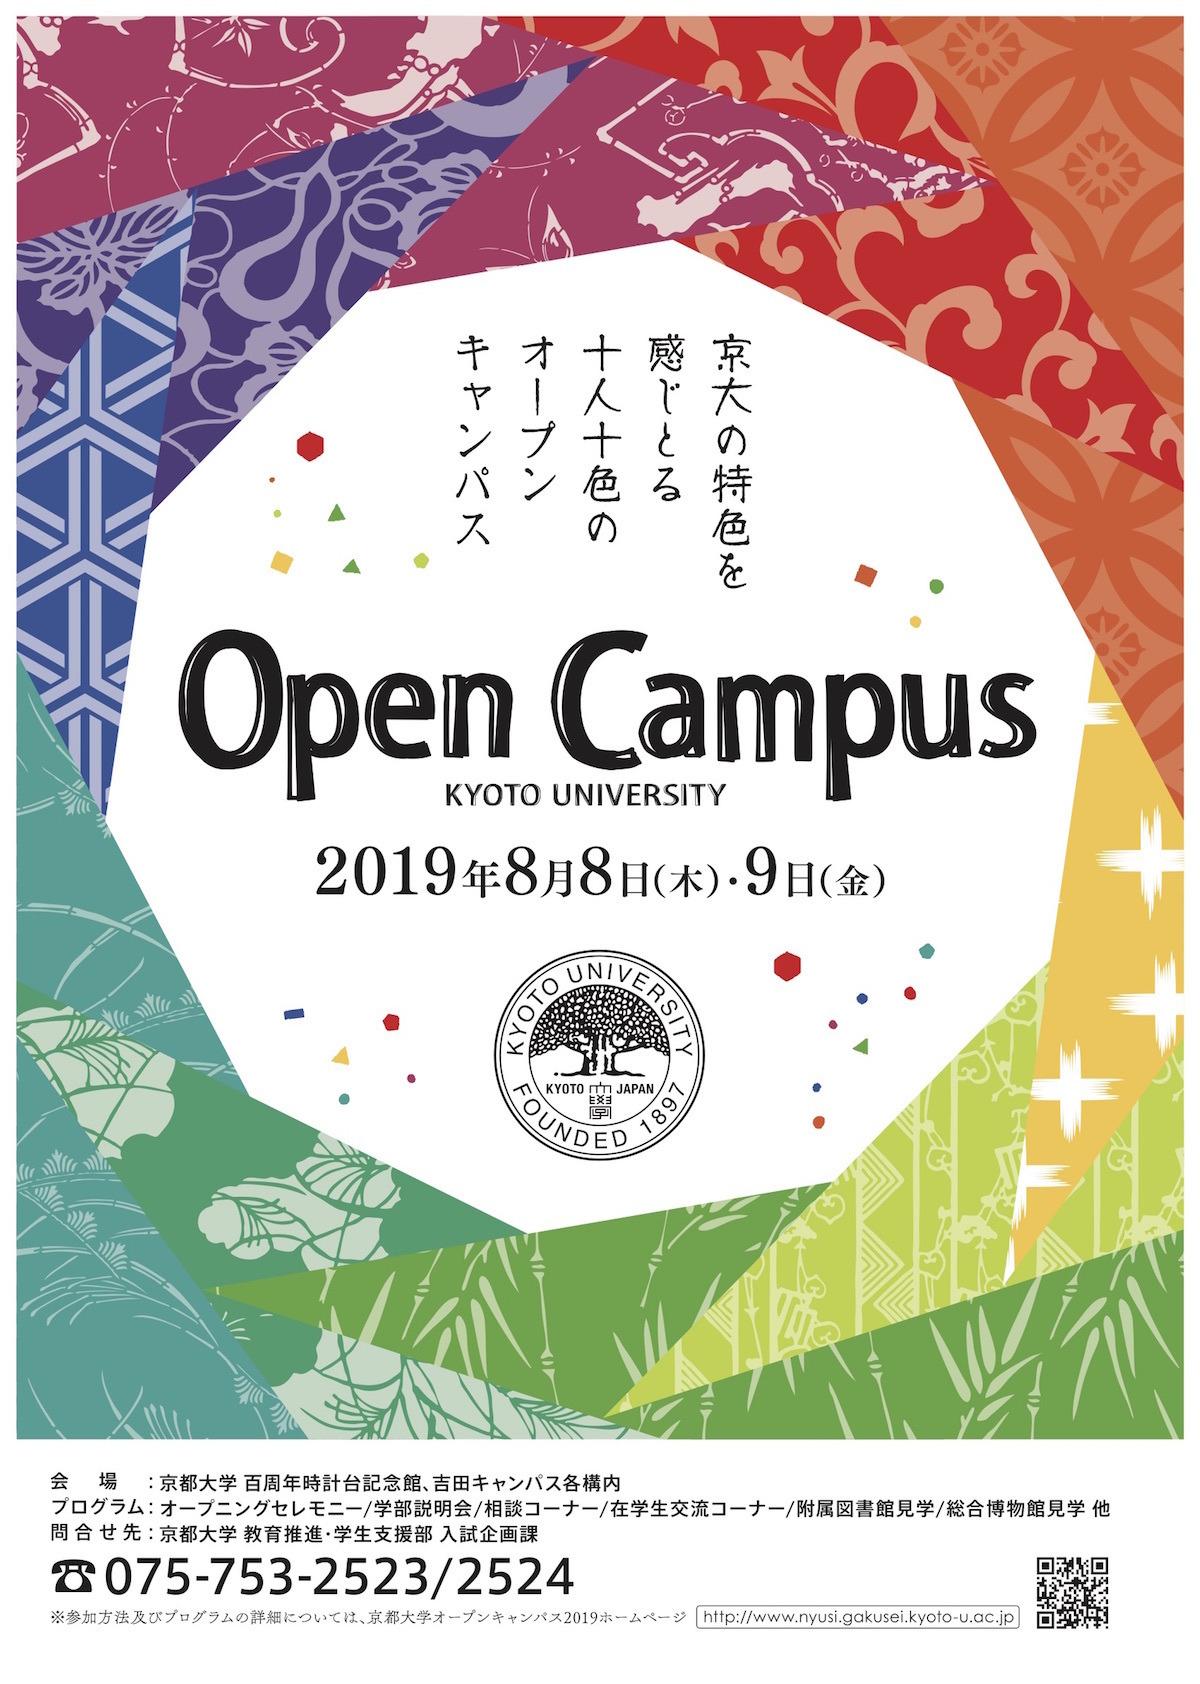 京都 大学 オープン キャンパス